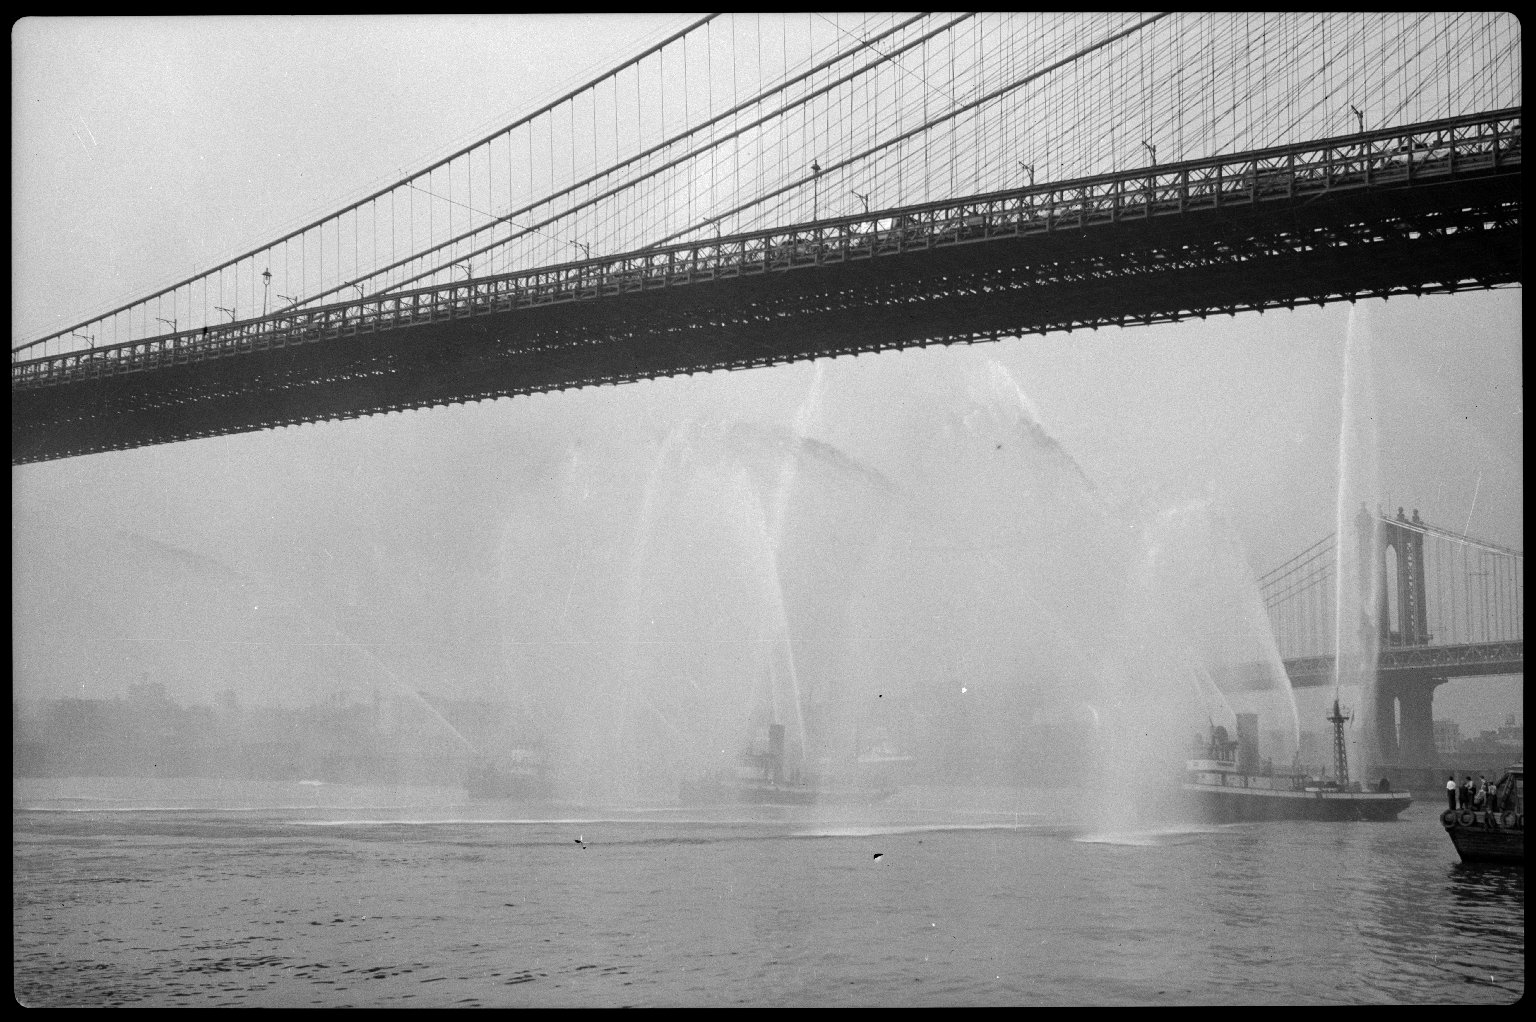 Церемонии на день открытых дверей пожарной части № 77 (морской части № 7). Работа пожарных катеров под Бруклинским мостом. Нью-Йорк, США. 28 июля 1931 года